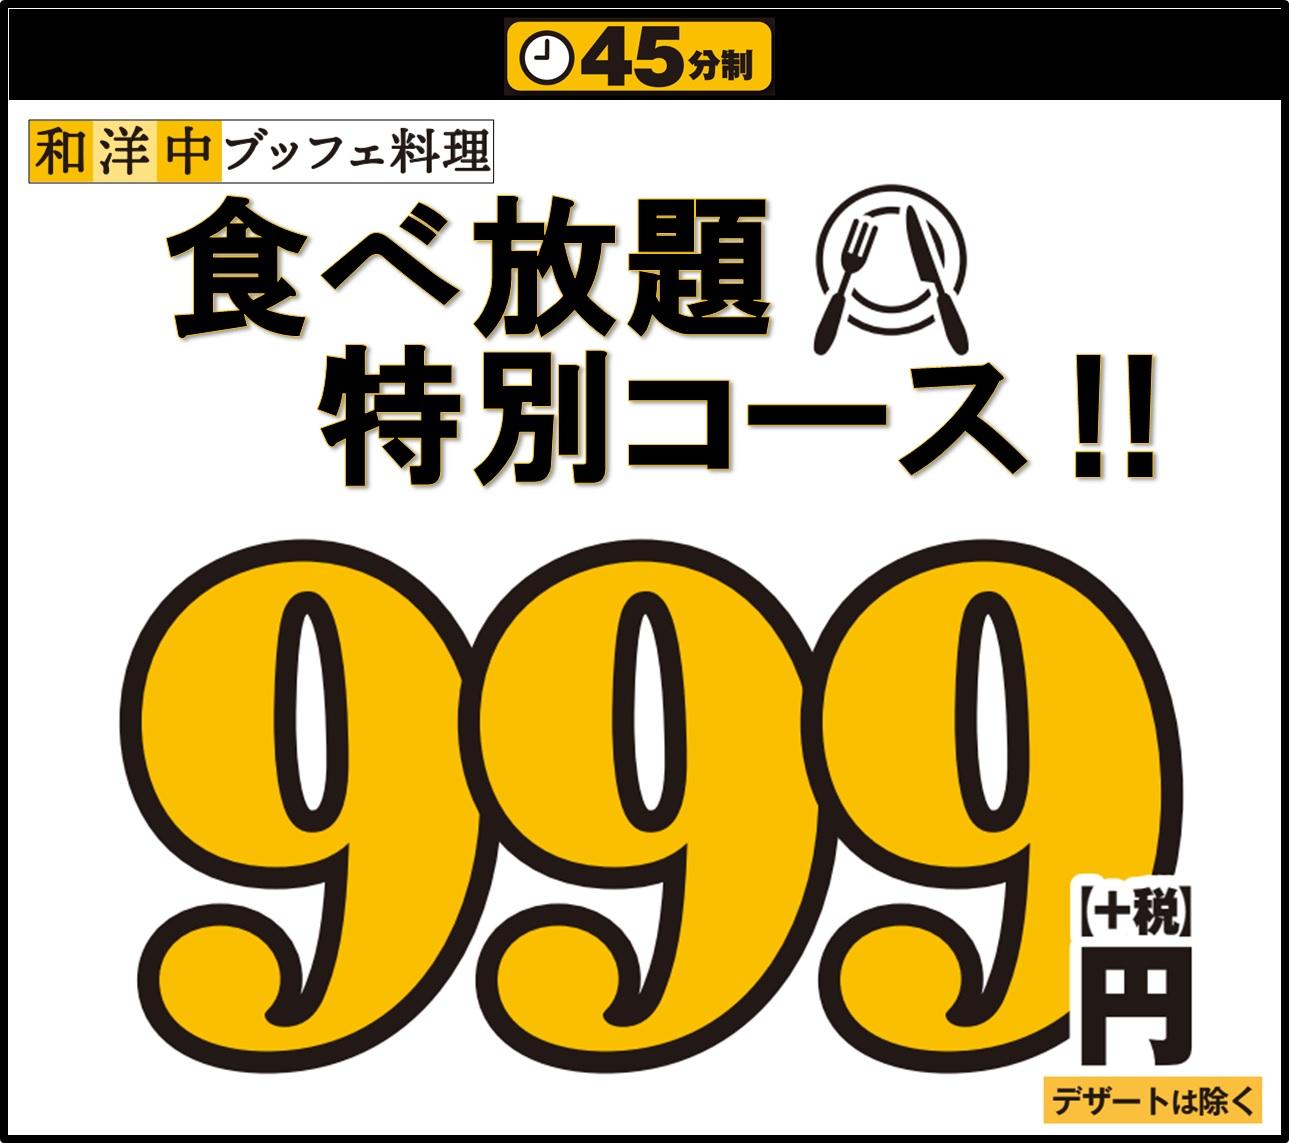 驚きの価格‼ 45分間の特別コース食べ放題が「999円(税抜)」でお得に ...